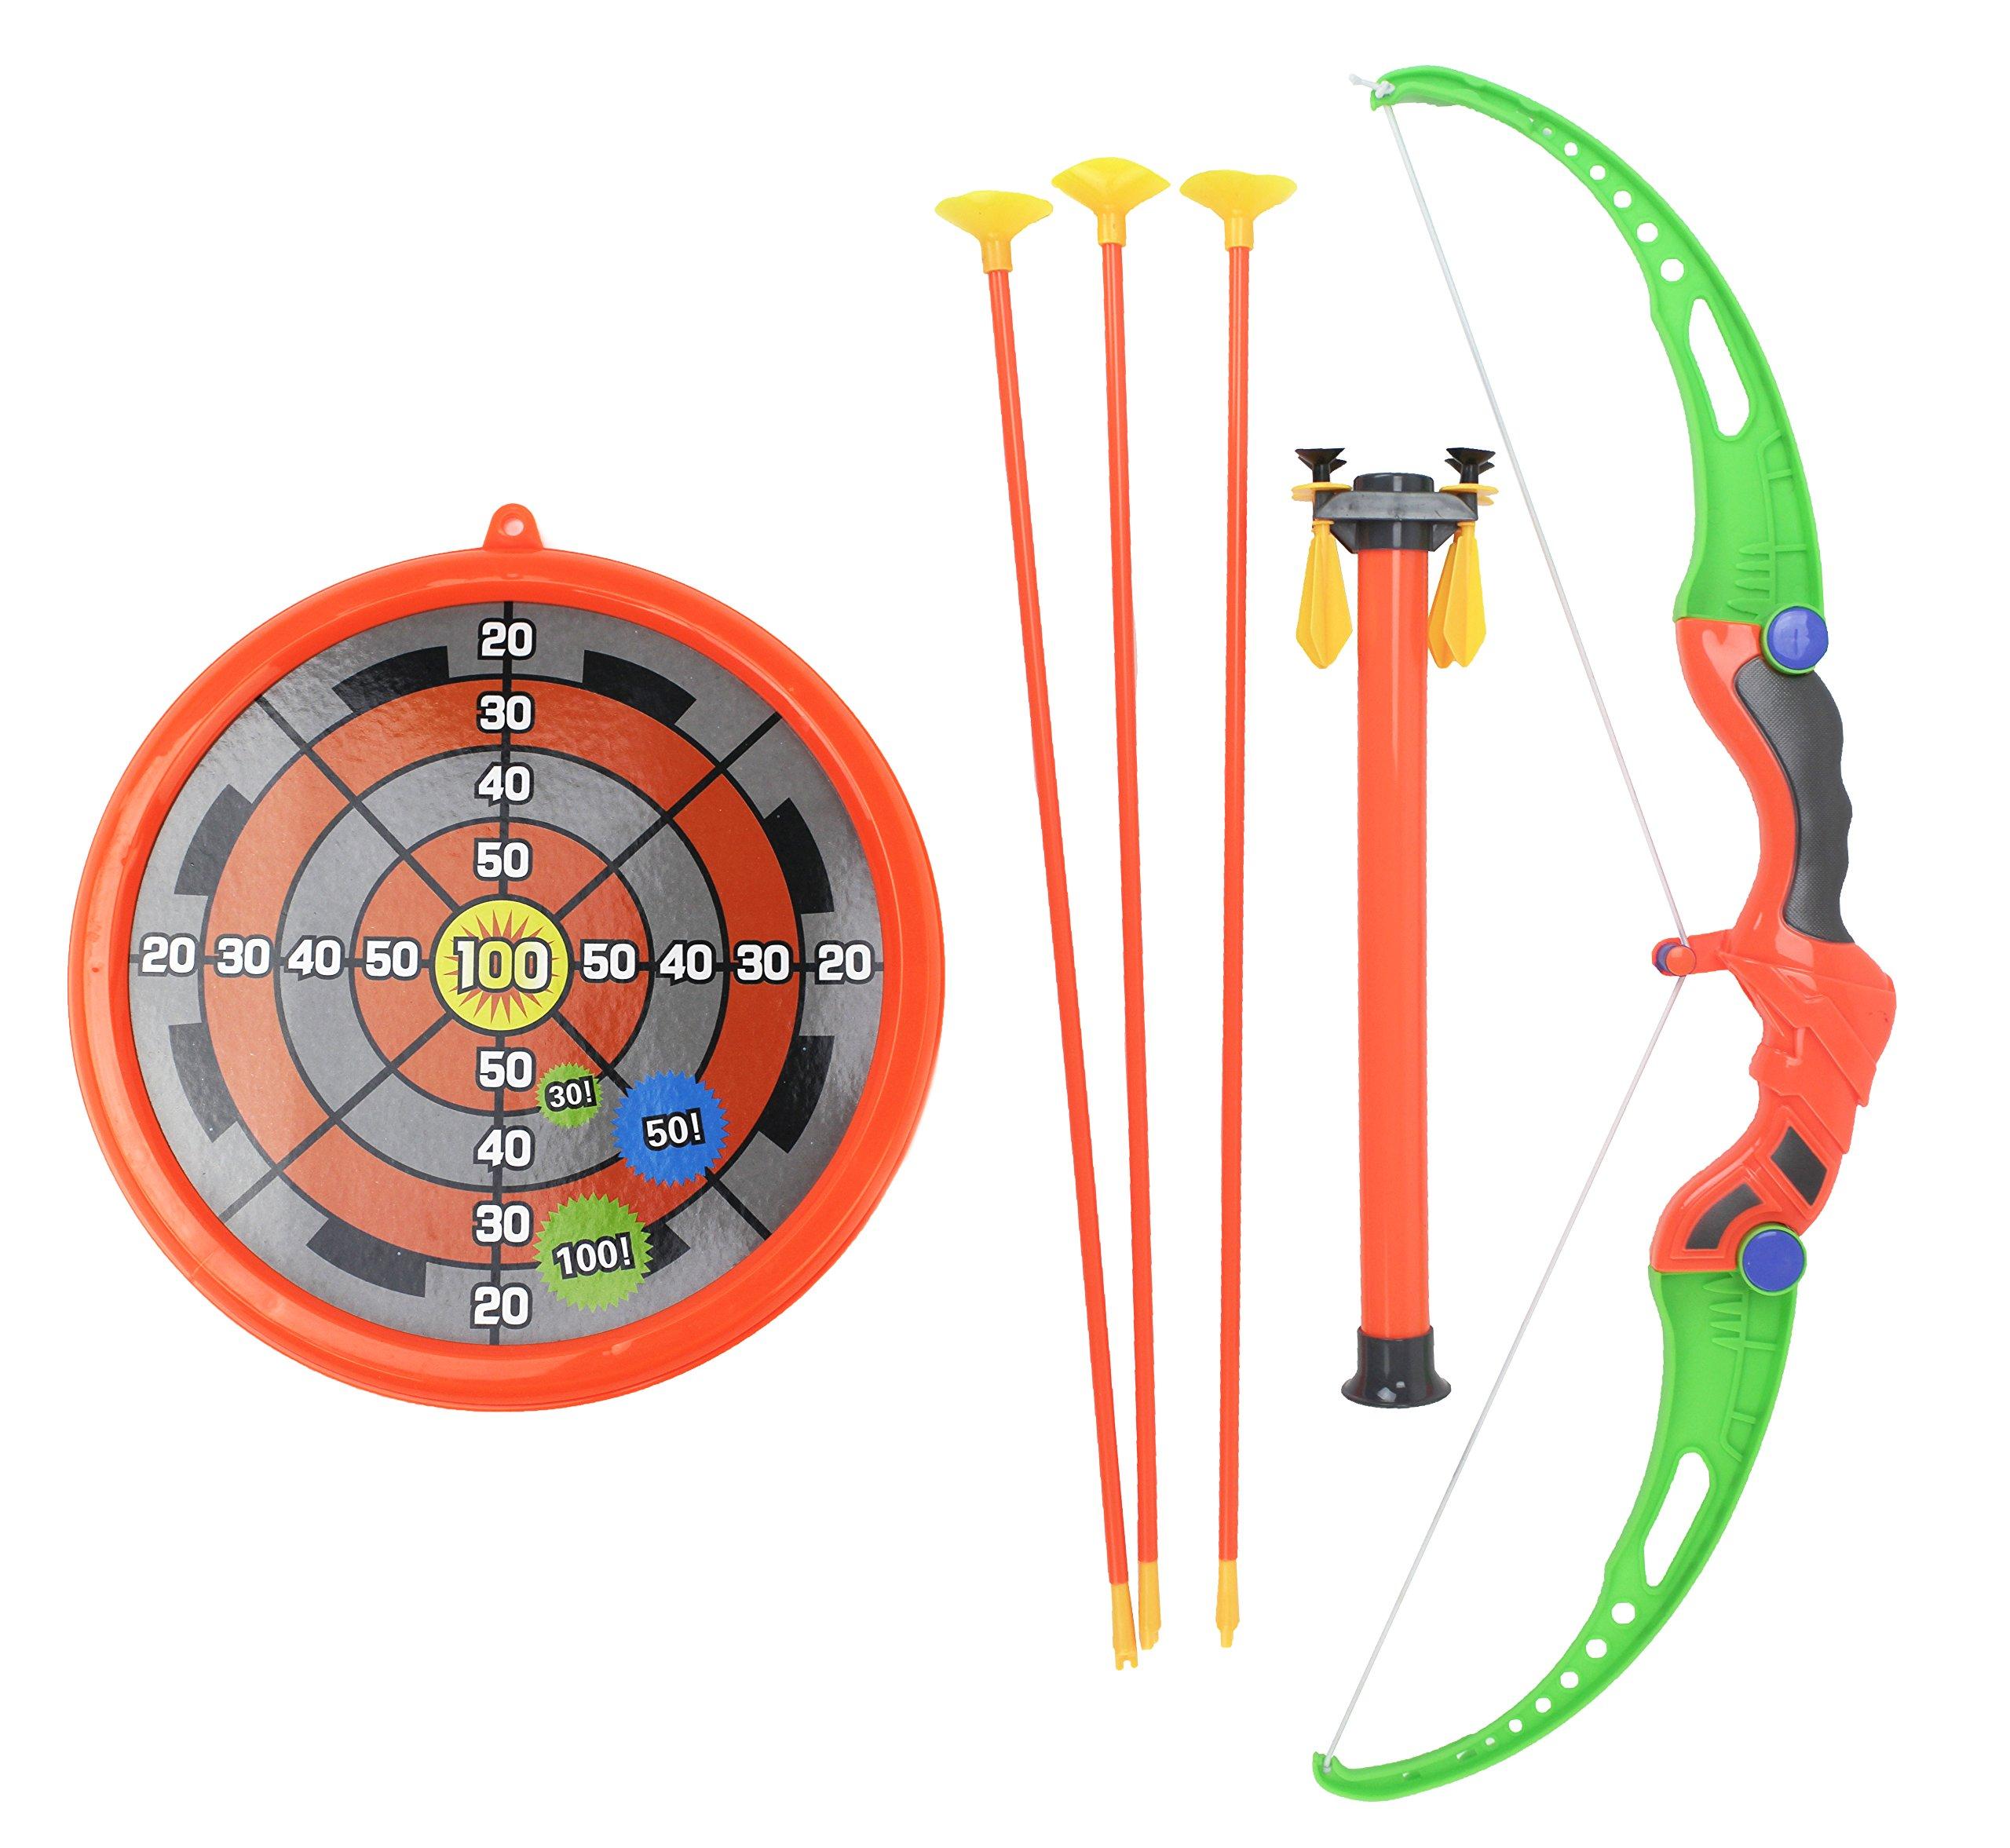 Super Shoots Archery Toy Bow & Arrow Playset w/ Bow, 3 Large Suction Cup Arrows, 4 Mini Suction Cup Arrows, Blowgun, & Target Circle